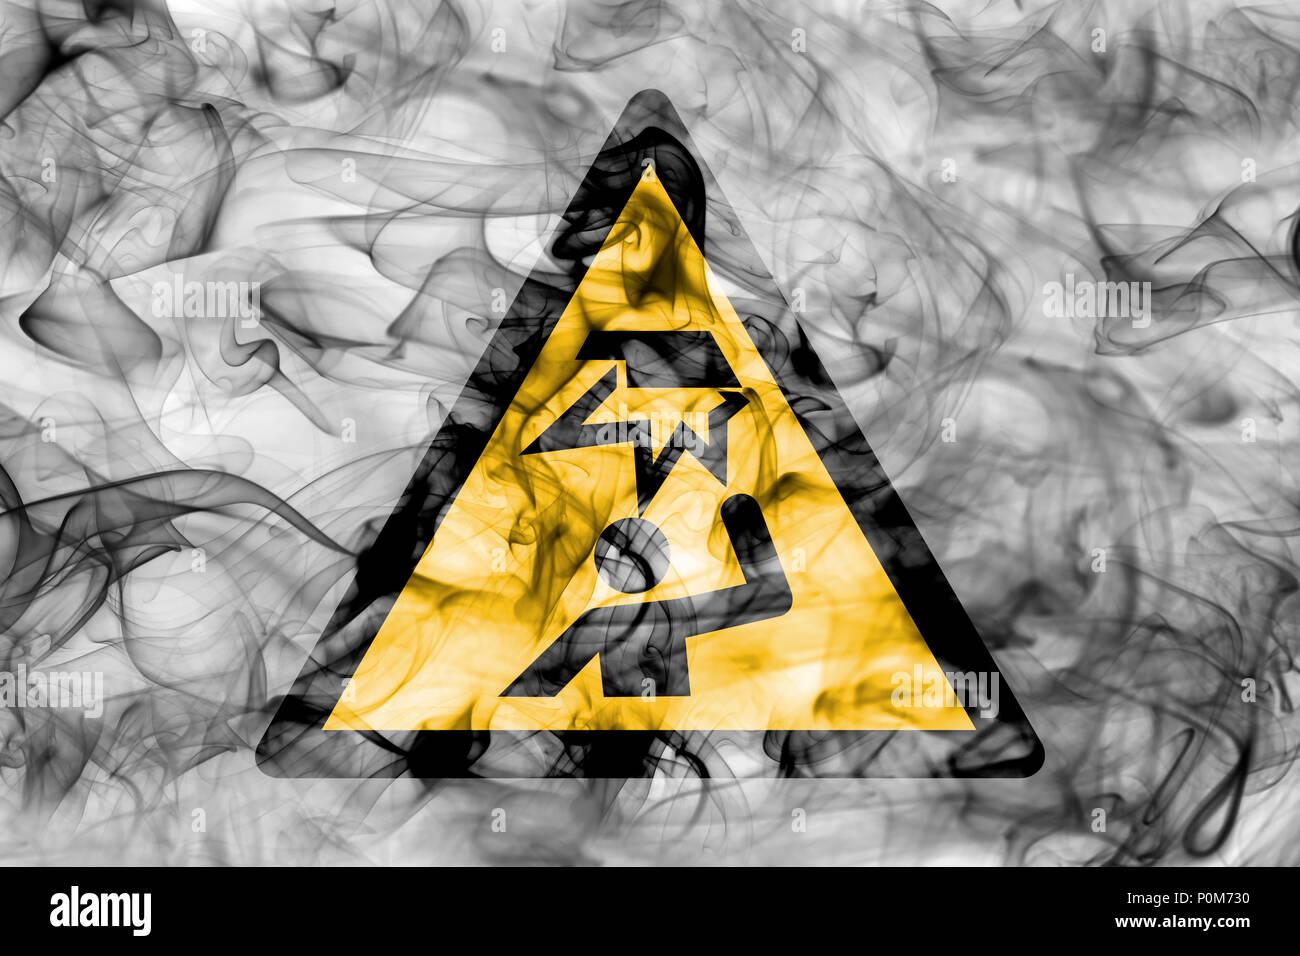 Warnung vor Hindernissen im Kopfbereich Gefahr Warnung Rauch unterzeichnen. Dreieckige Gefahrenwarnung Zeichen, Rauch Hintergrund. Stockbild